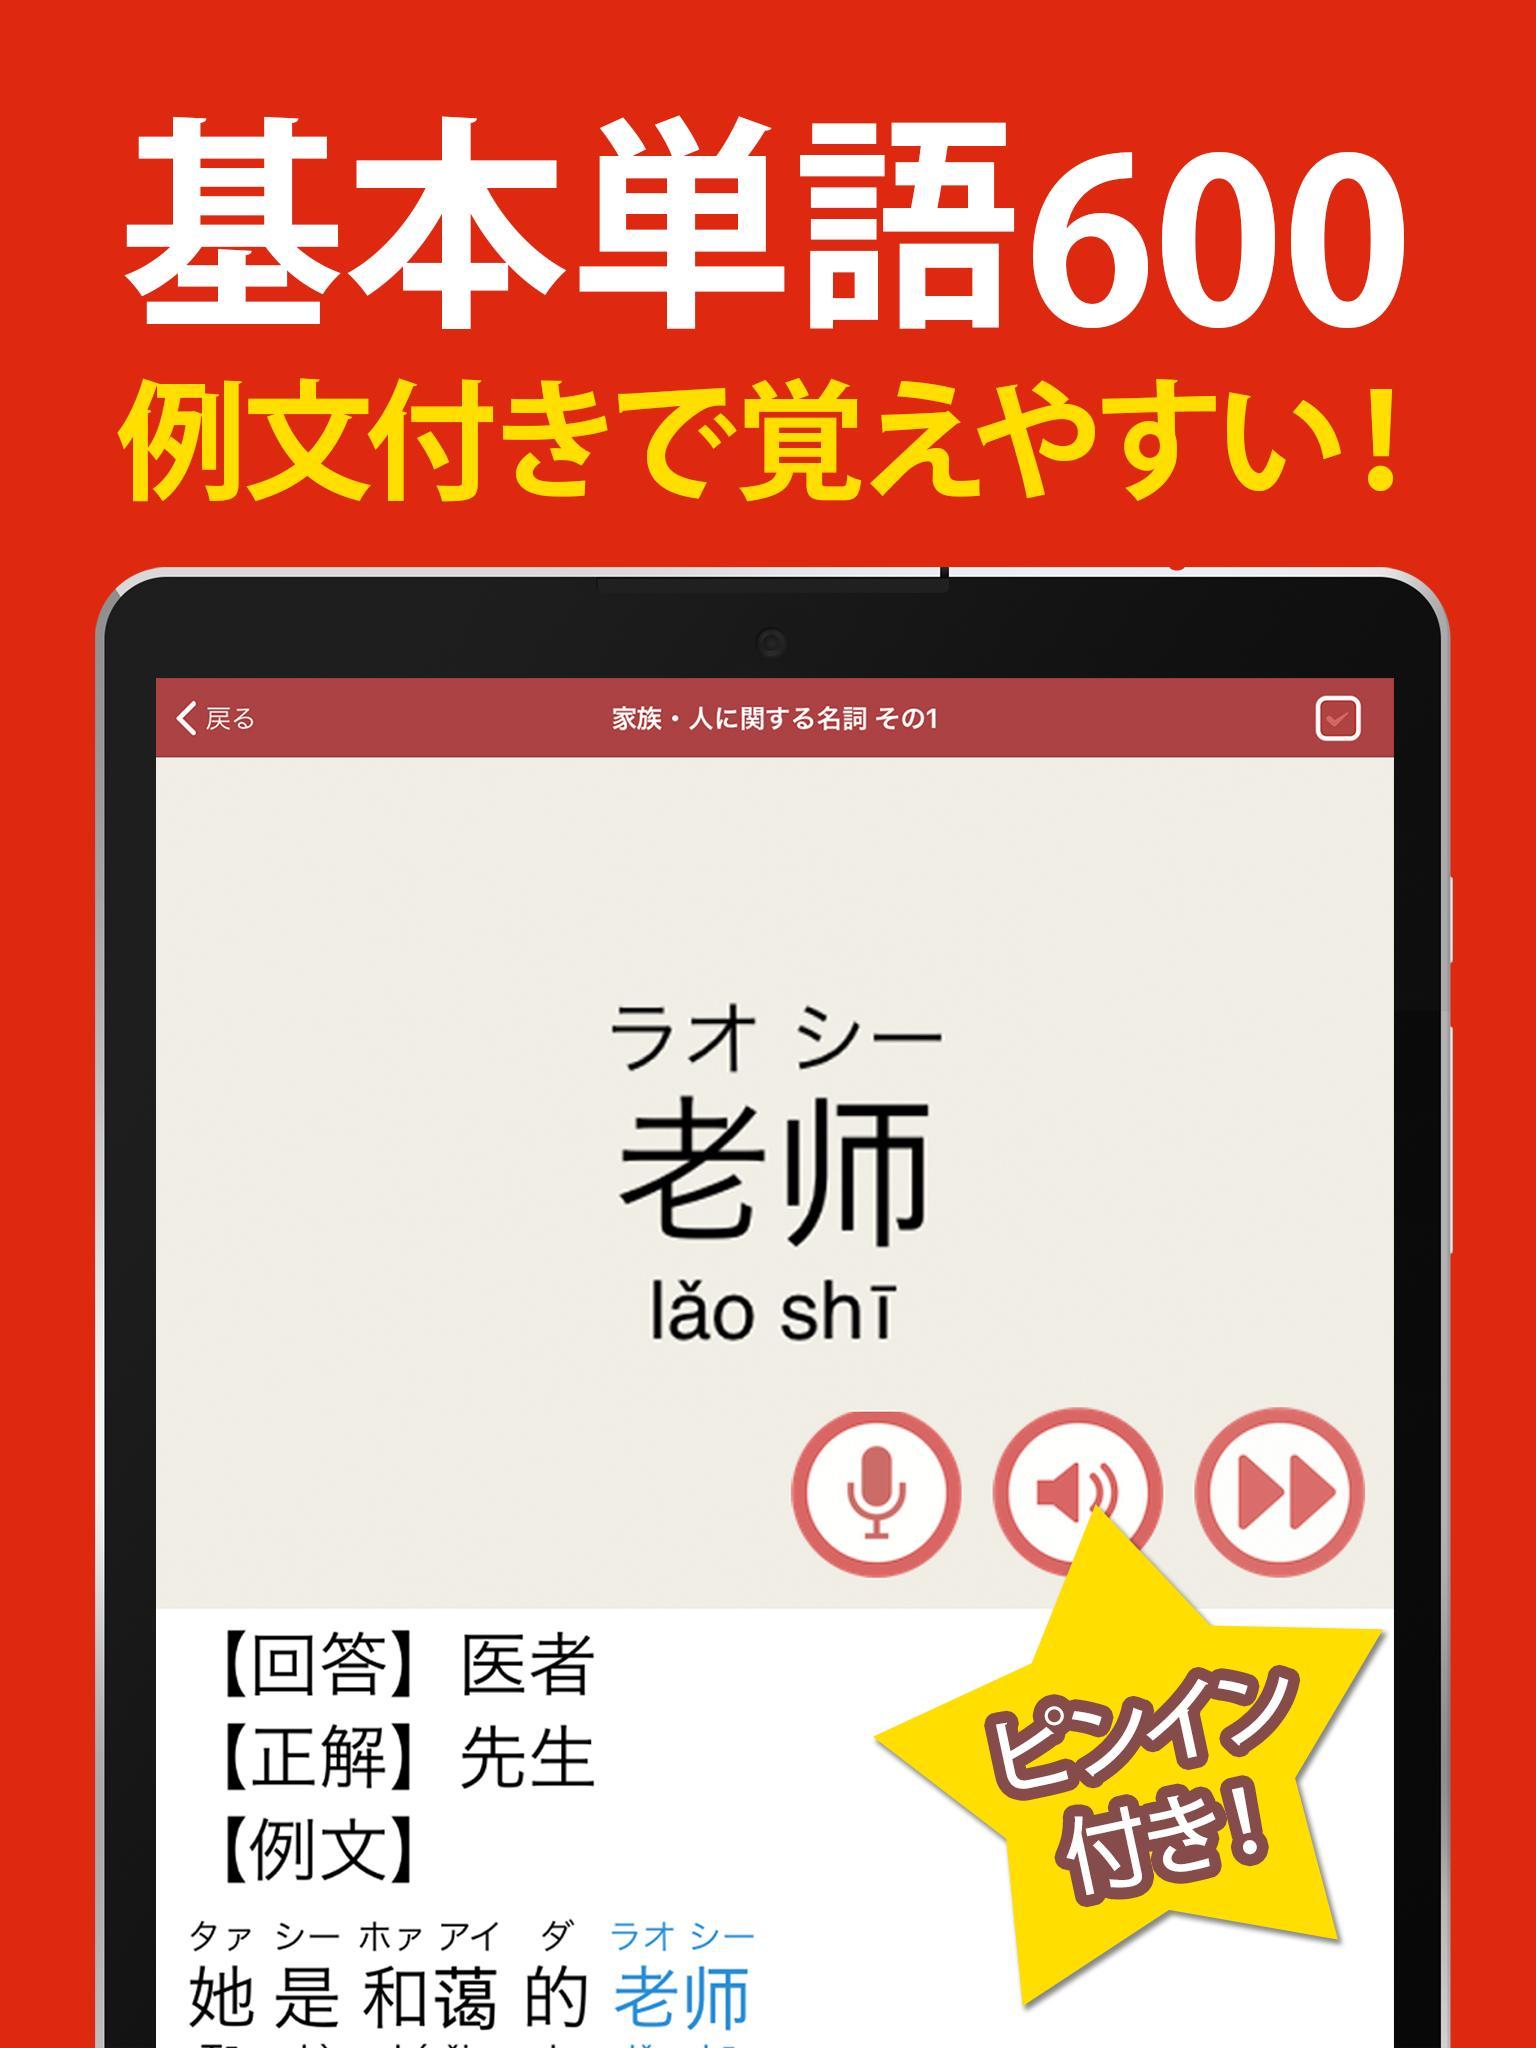 勉強 中国 語 語学習得に必要な時間って?日本語話者に簡単な言葉と難しい言葉のリストを公開!